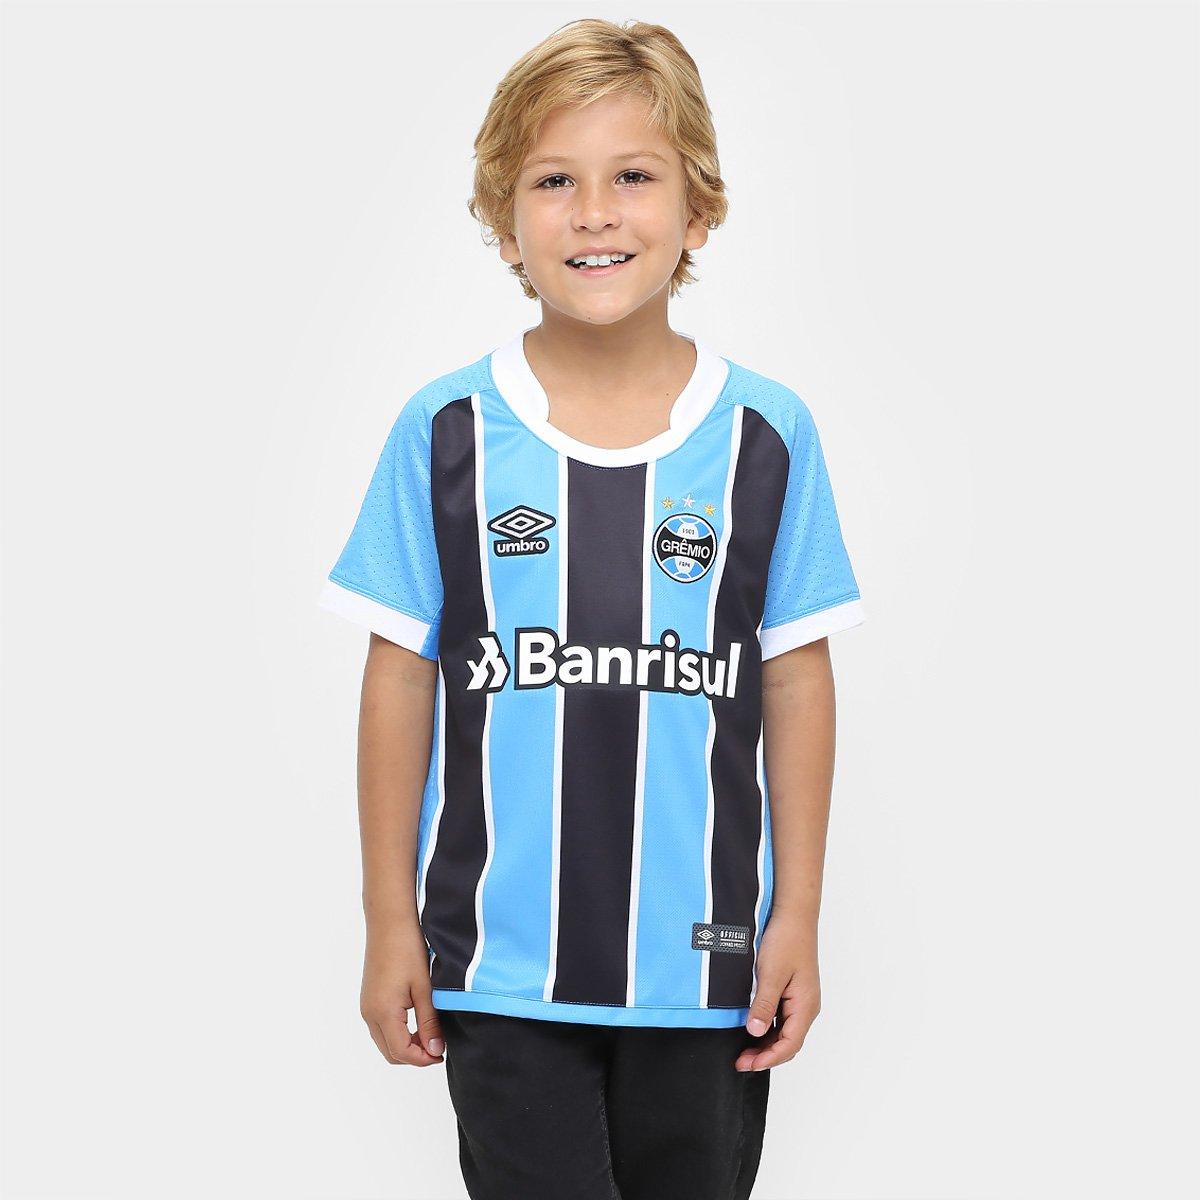 Camisa Grêmio Juvenil I 17 18 s nº Torcedor Umbro - Compre Agora ... 9246cc53eb7f3